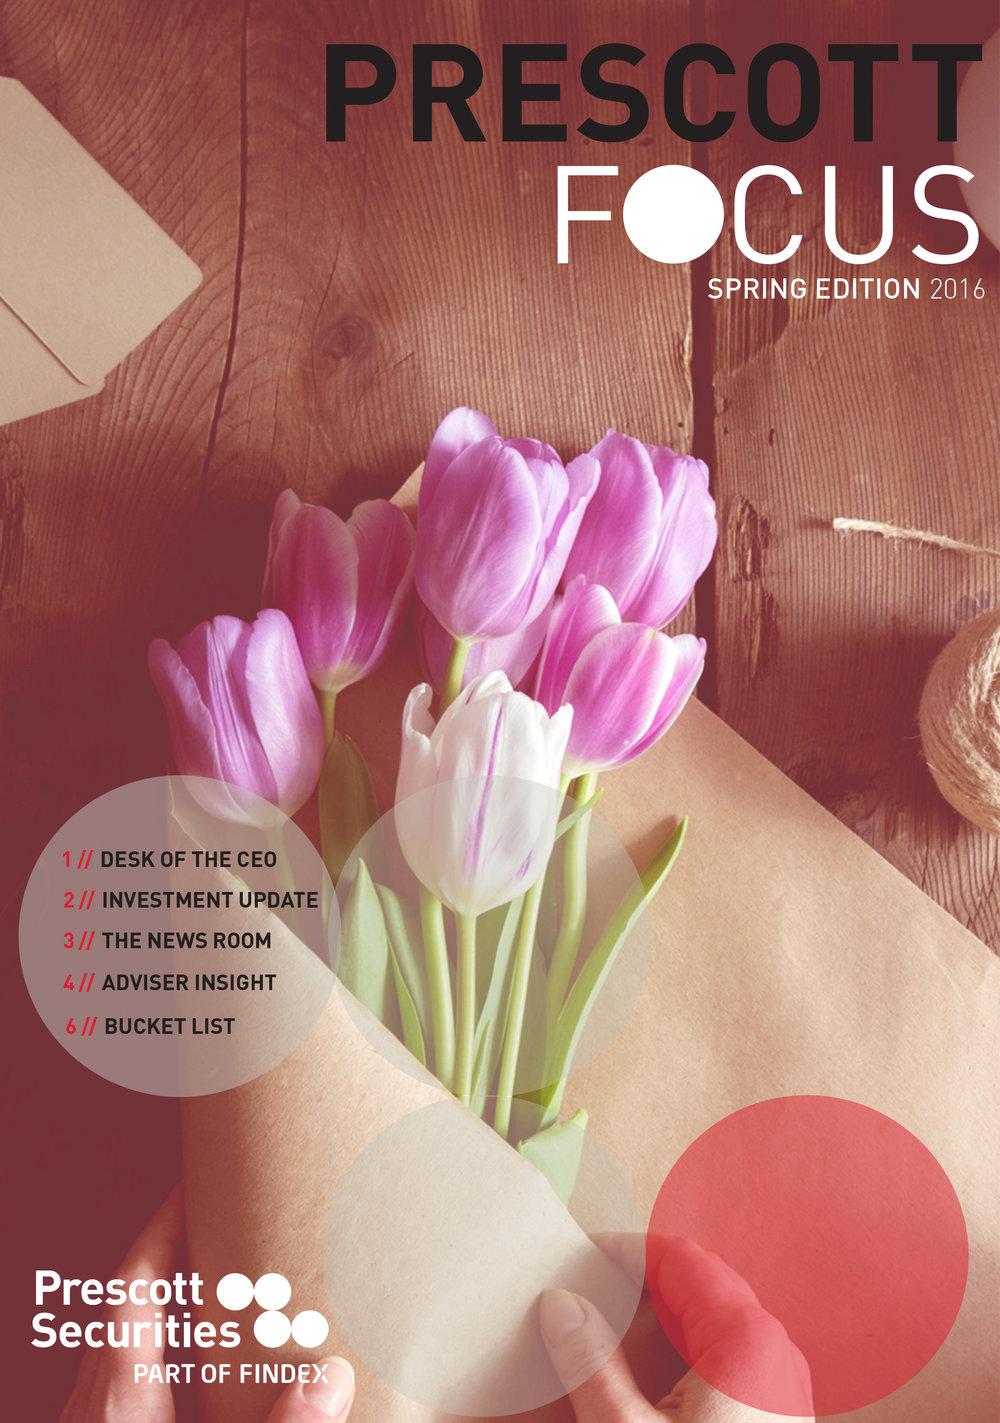 Prescott-Focus-Spring